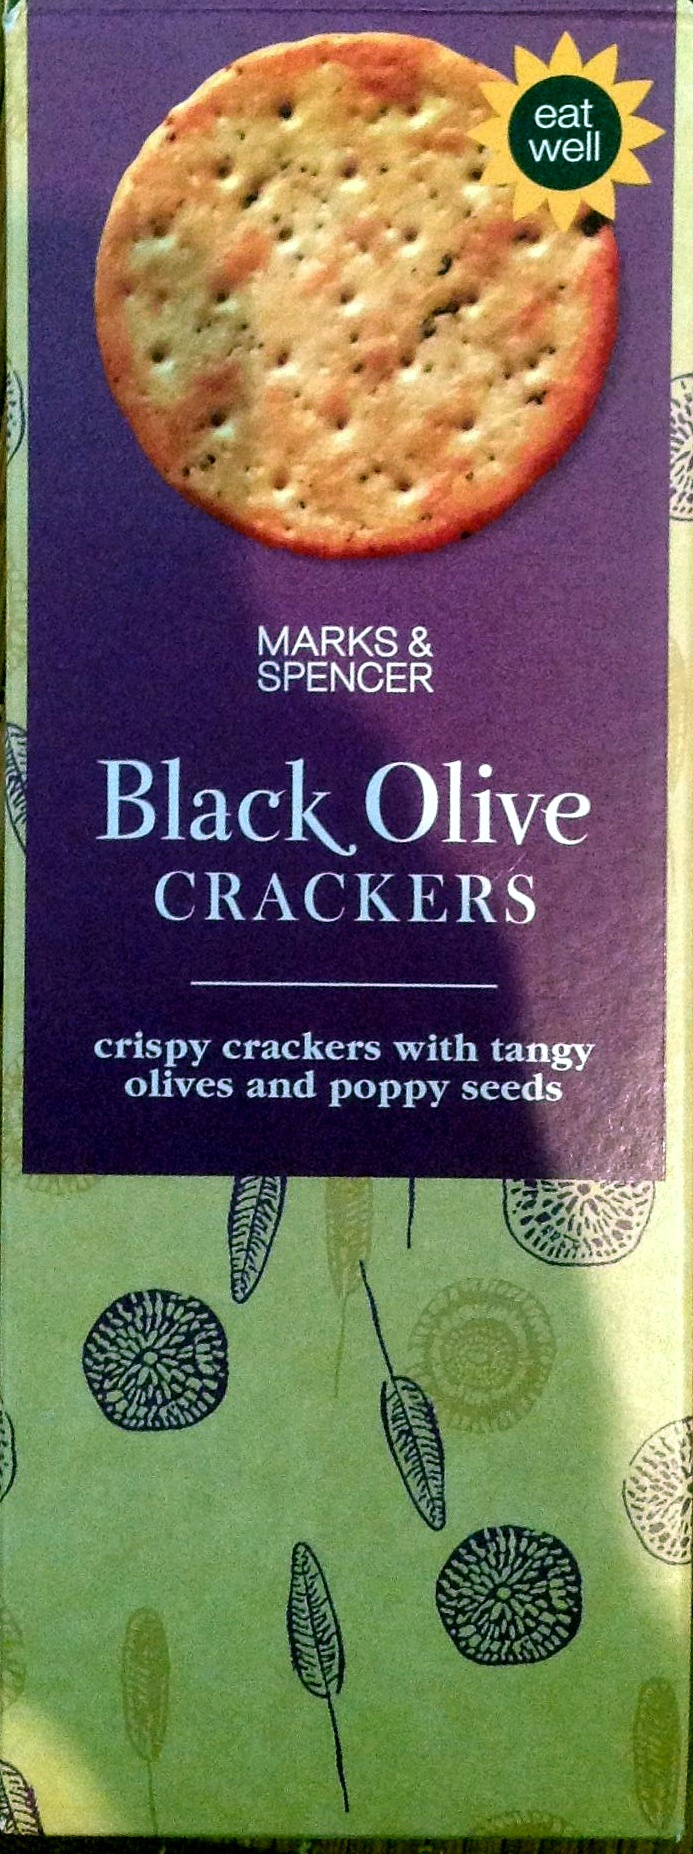 Black Olive crackers - Produit - en